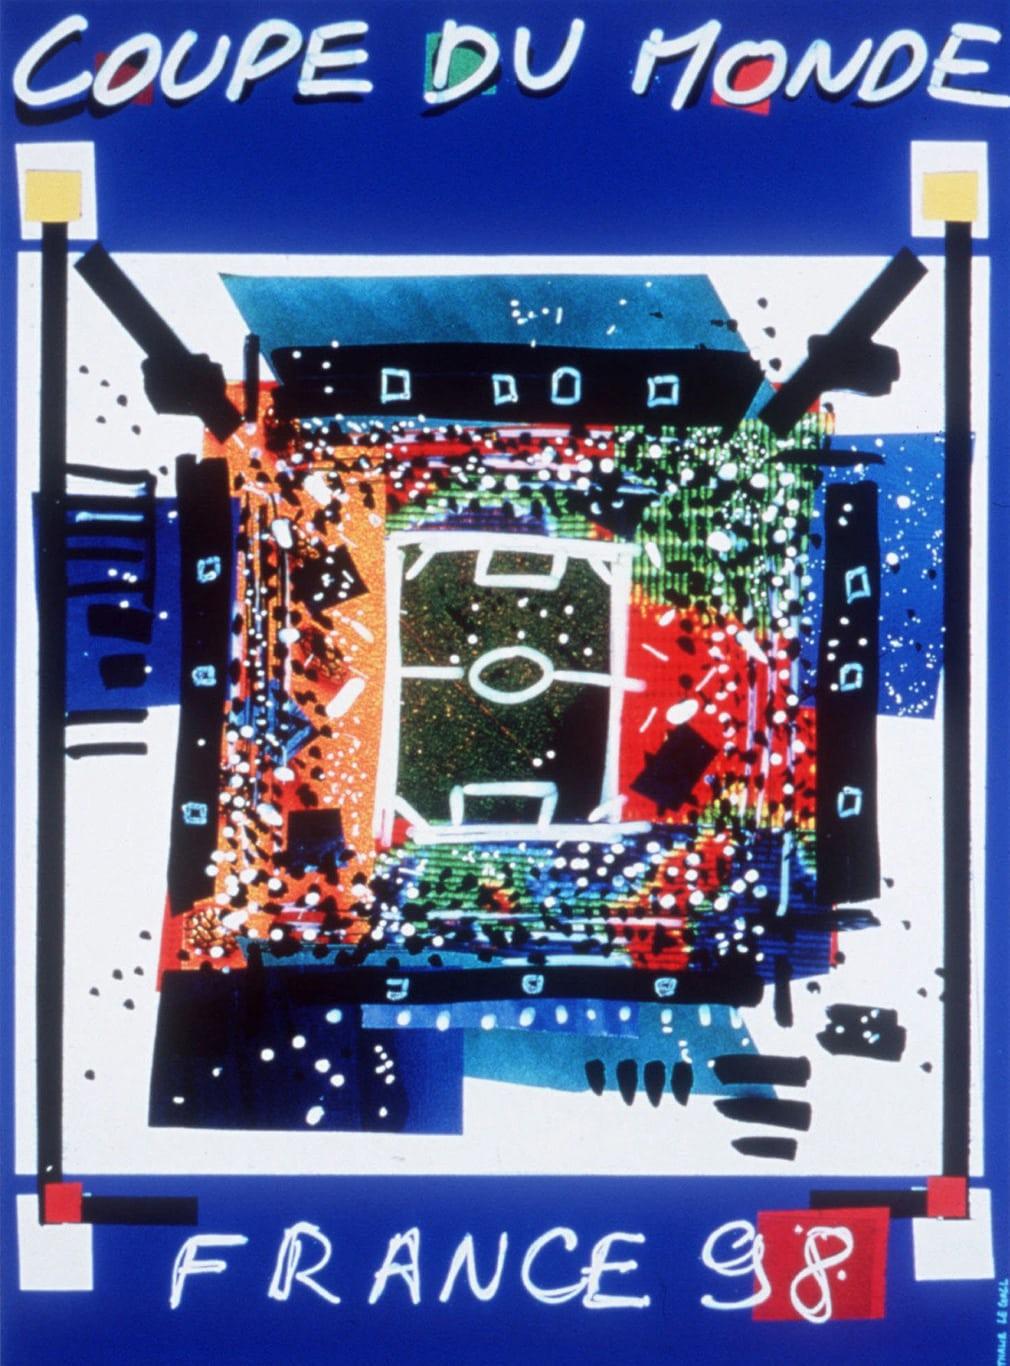 Γαλλία 1998. Το πόστερ που θυμίζει πρόχειρο σχέδιο παιδιού που όμως φέρνει σε πρώτο πλάνο αυτό που πρέπει: το γήπεδο